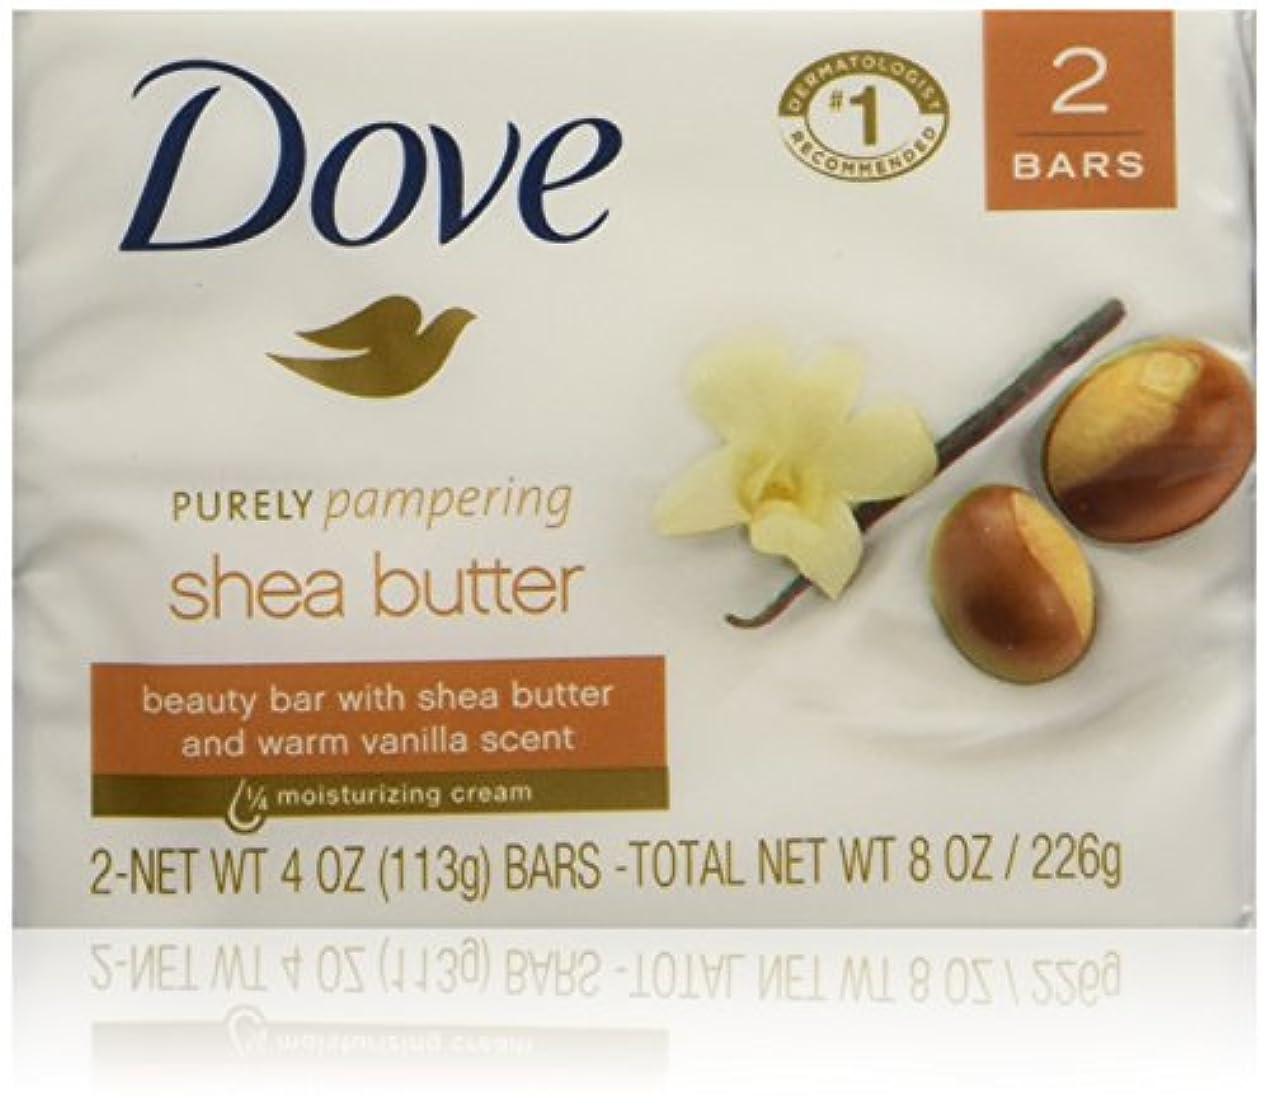 洗練松明生むDove Nourishing Care Shea Butter Moisturizing Cream Beauty Bar 2-Count 120 g Soap by Dove